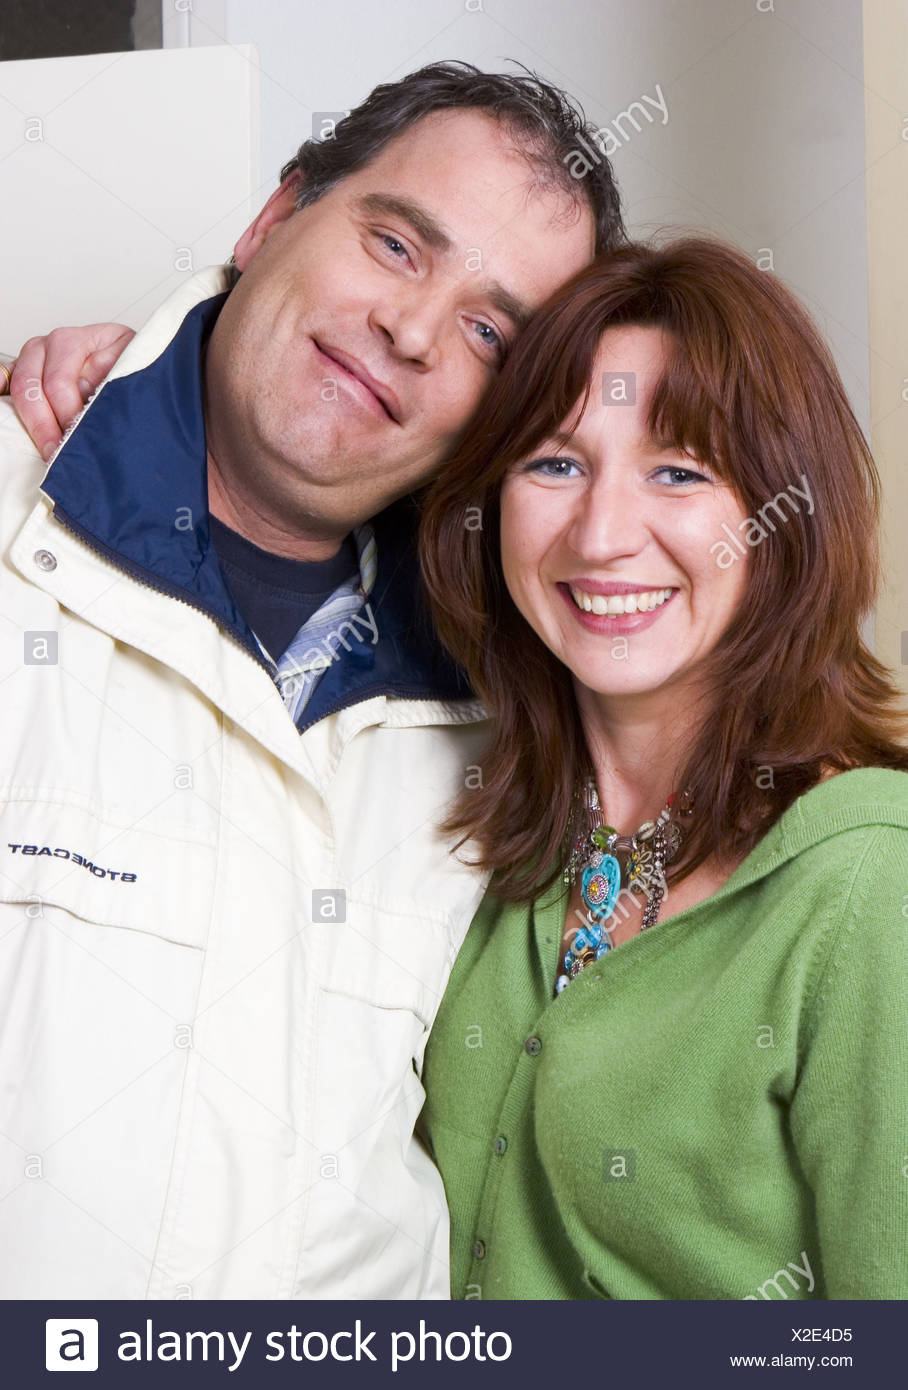 Happy couple portrait - Stock Image